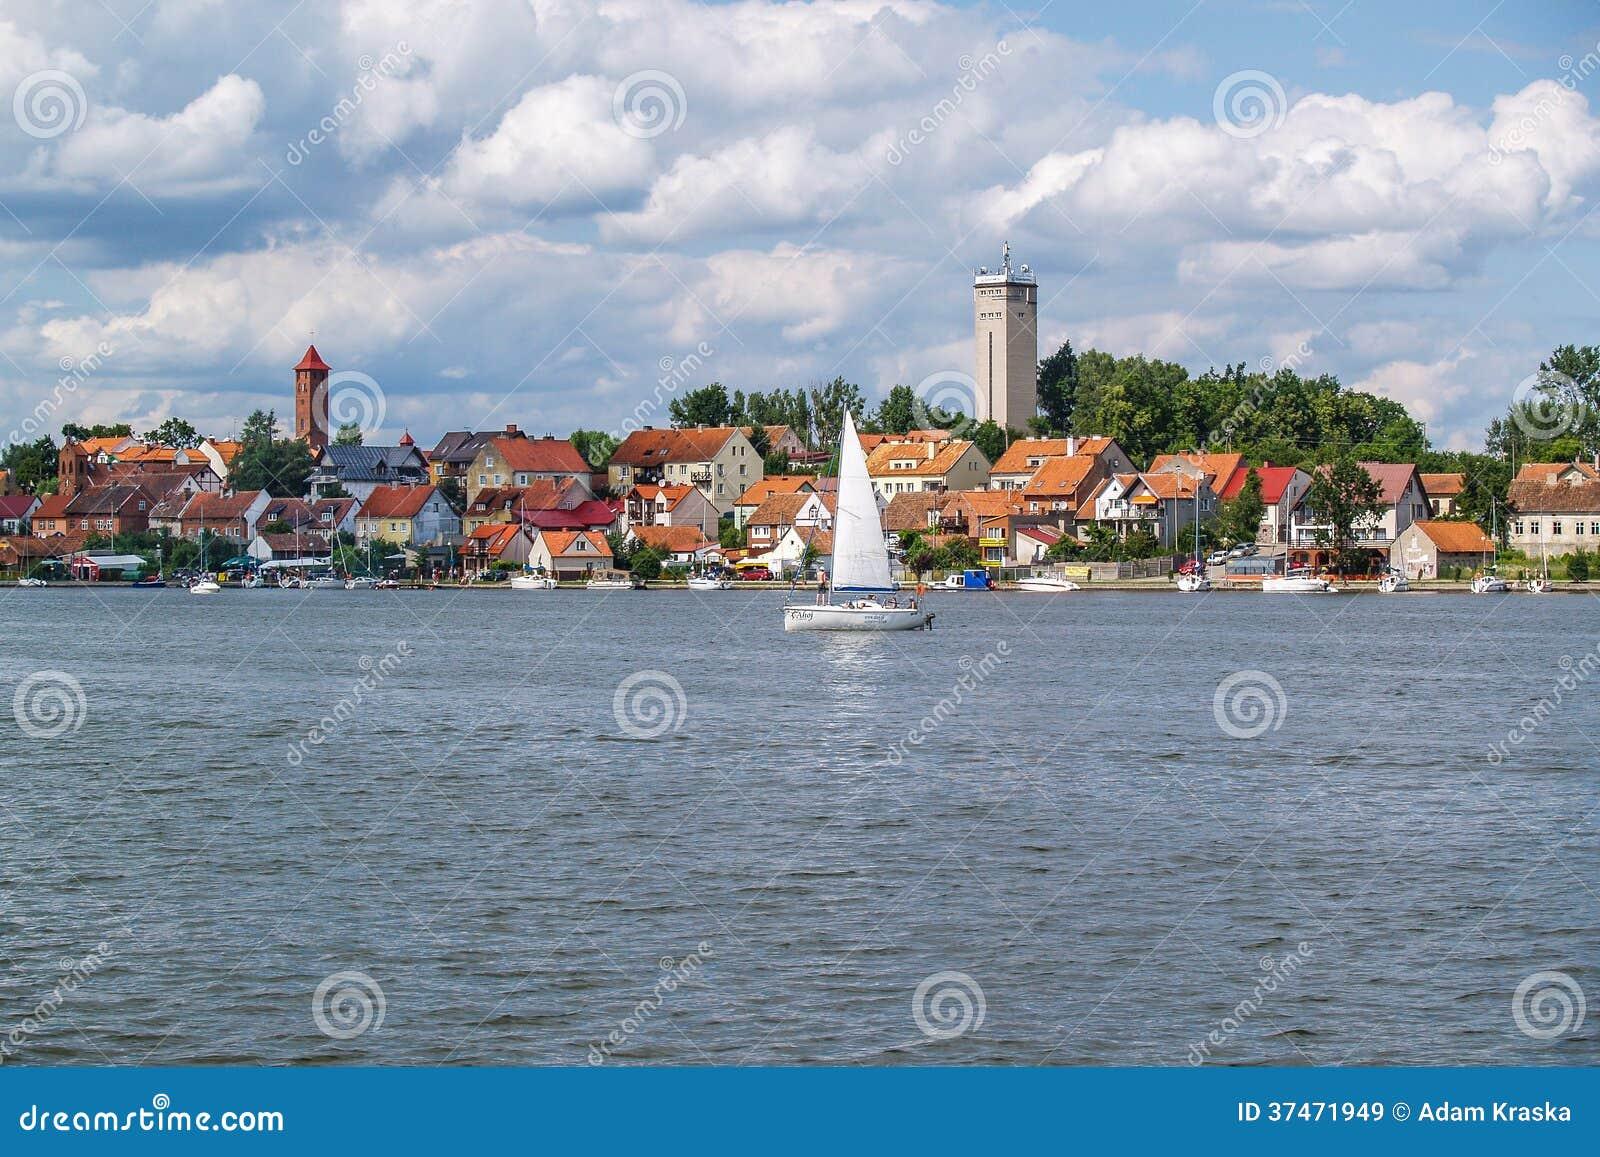 Beach Holidays Poland